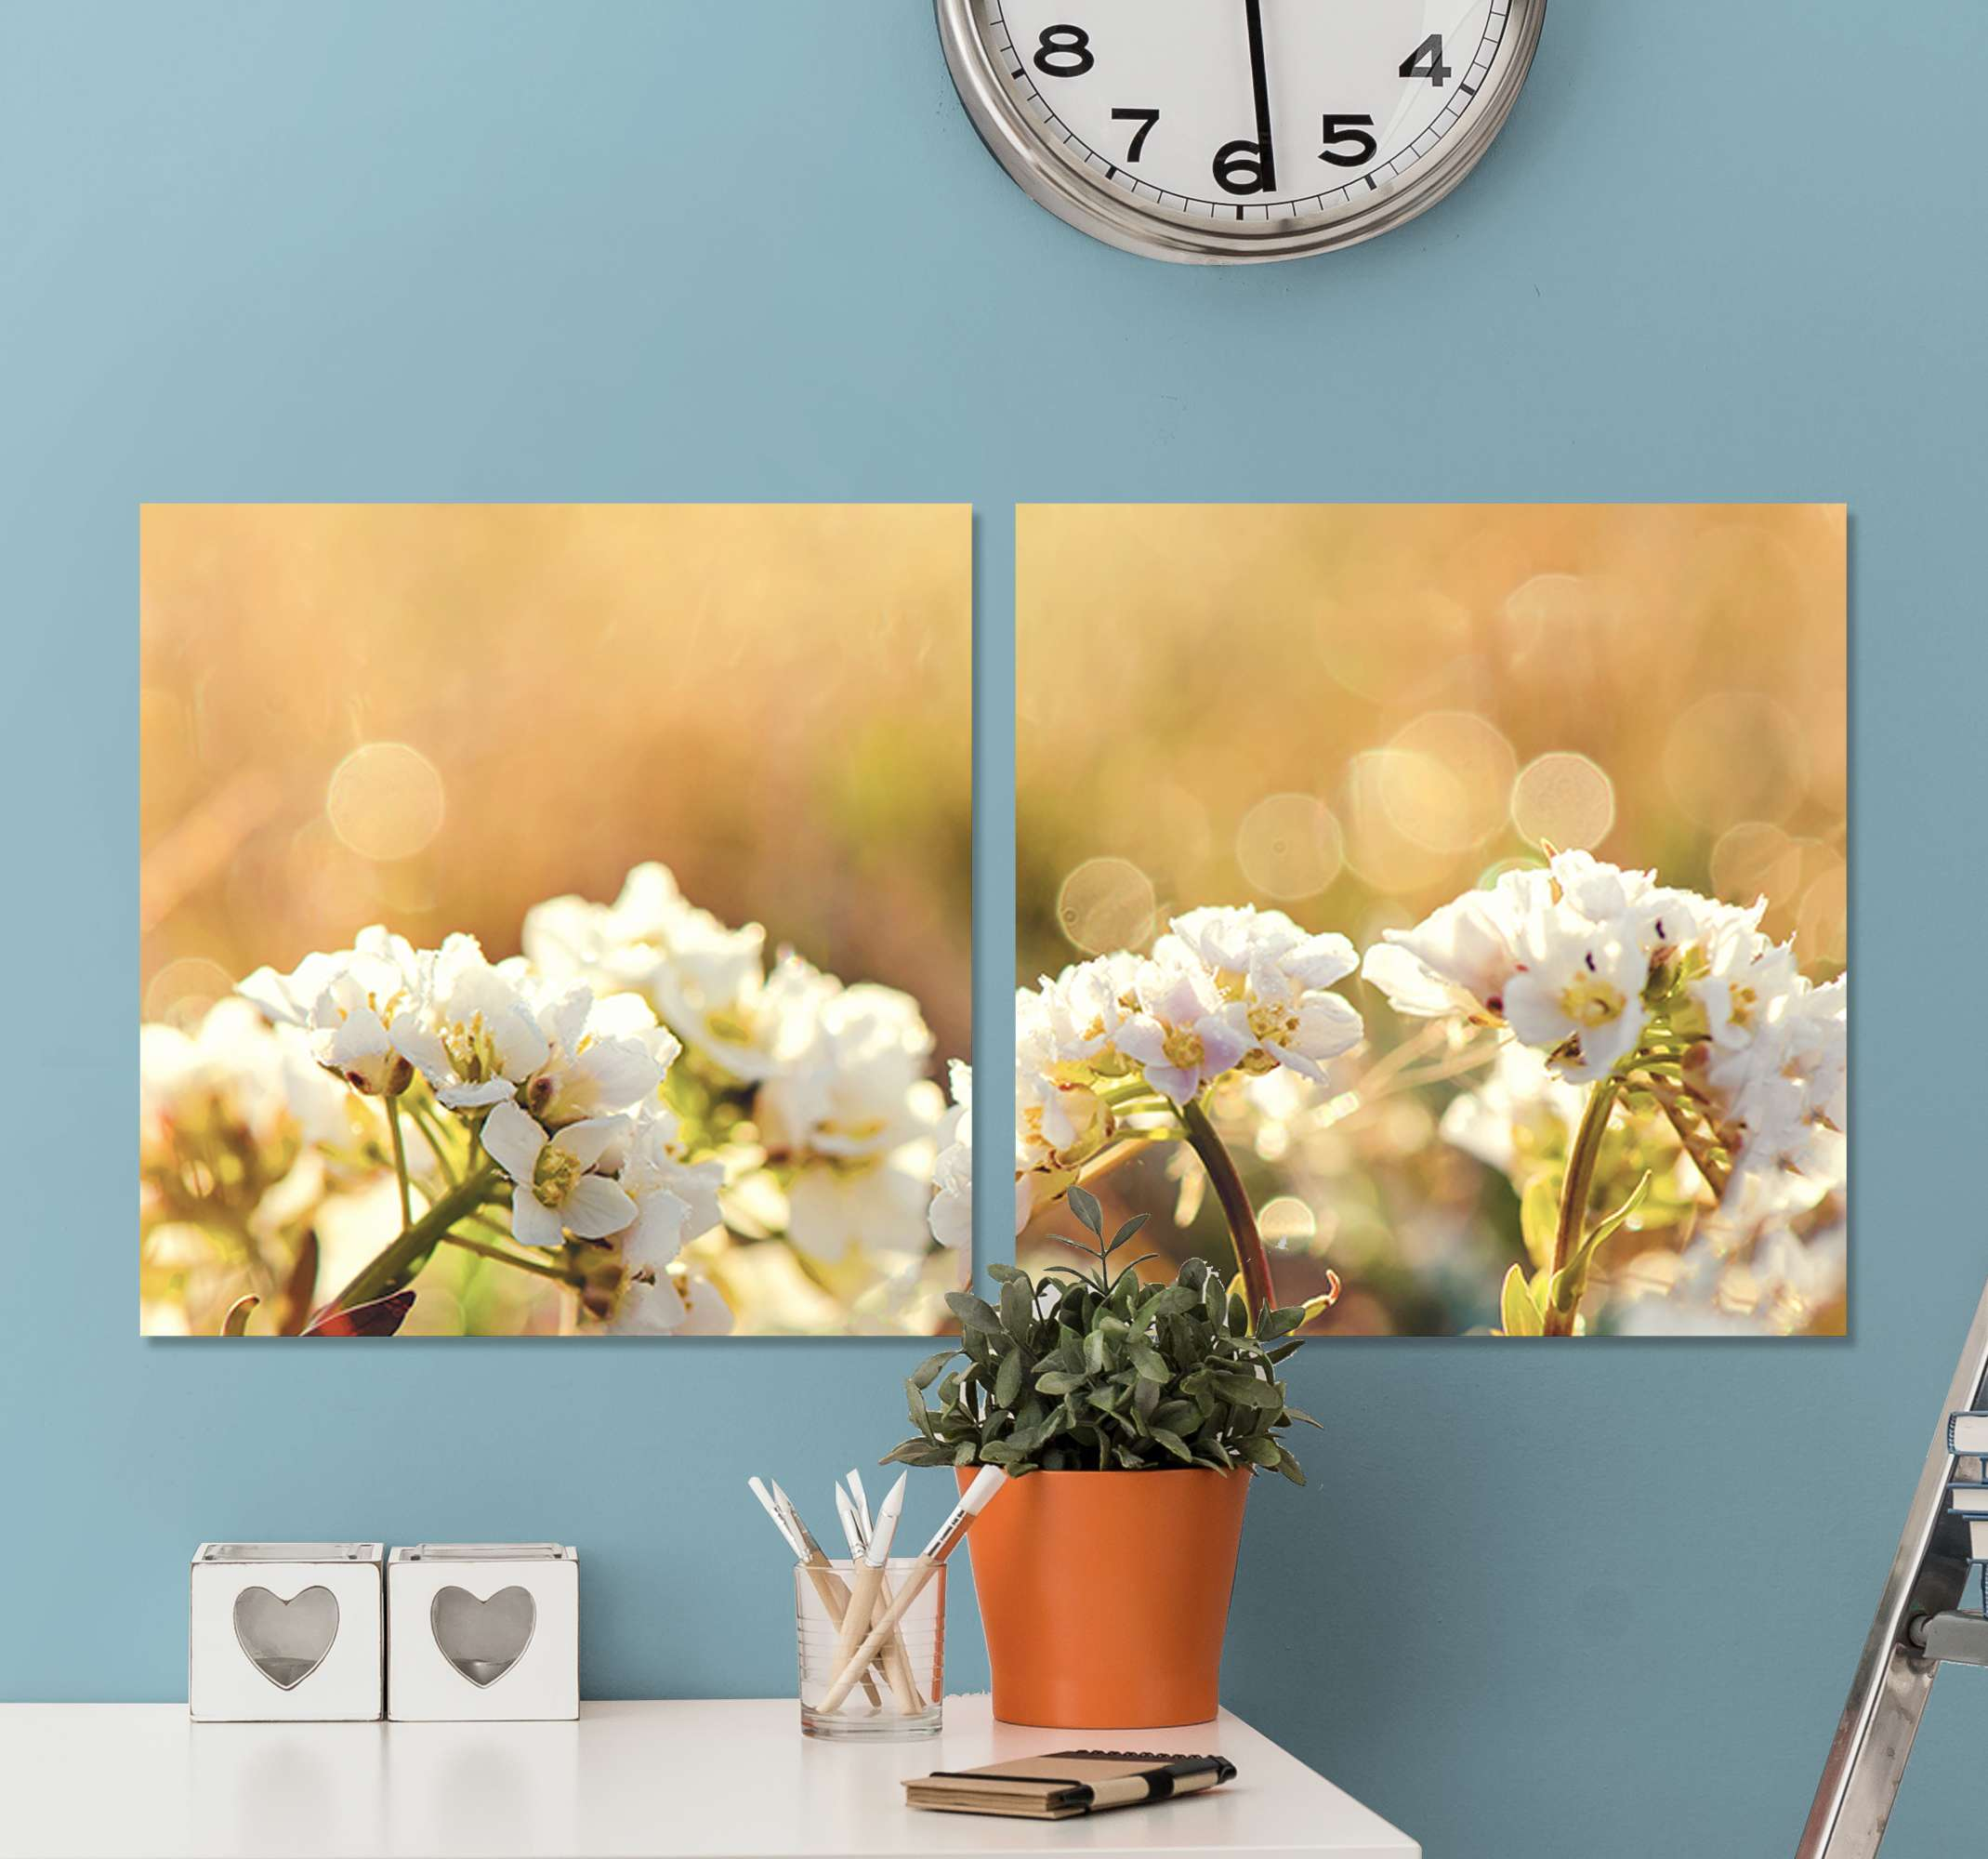 Tenstickers. Hvite blomster veggavtrykk til stue. Vakkert hvitt blomsterbilde lerret - du kan dekorere dette lerretet på hjemmet ditt, til kontor, forretning, spa og andre steder.